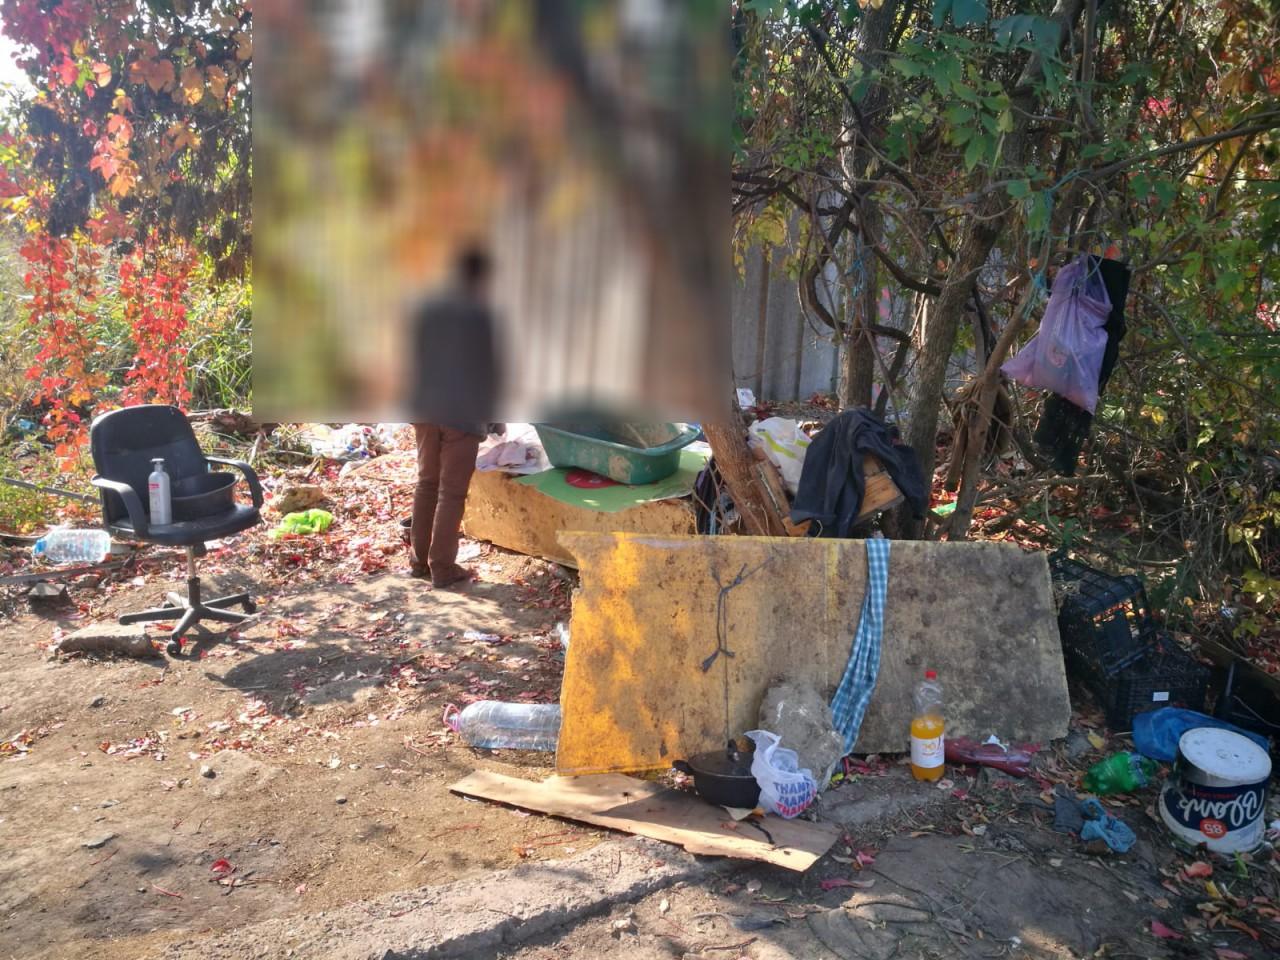 FOTO. Adăpost improvizat, DĂRÂMAT de oamenii legii: 'oaspeţii', trimişi în satul lor!